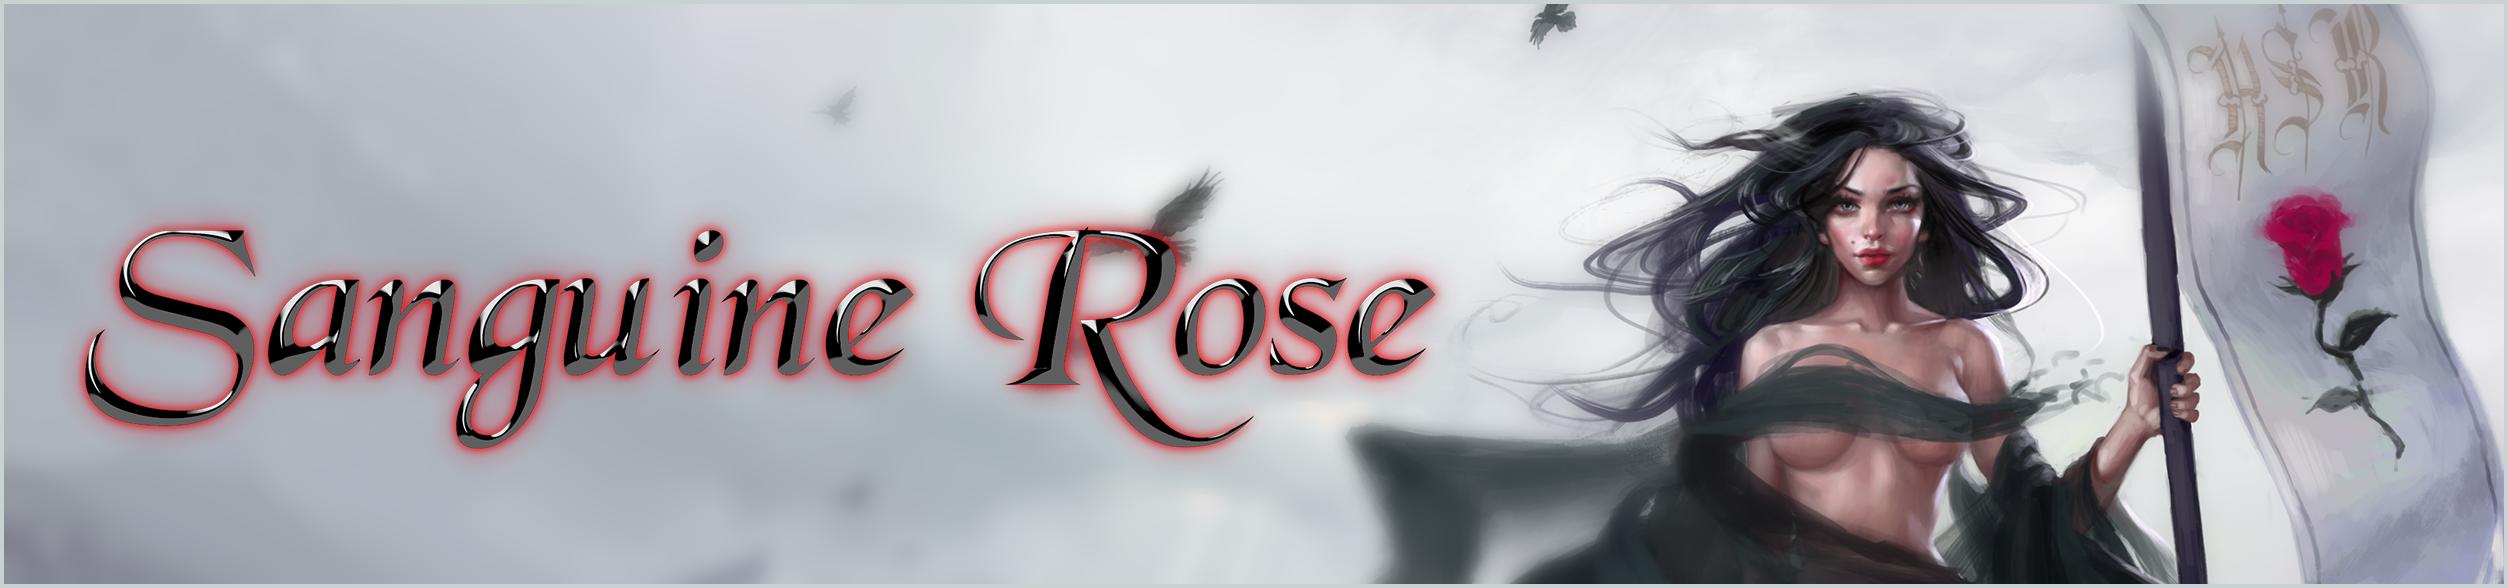 Игровая Клубничка 4 - Sanguine Rose. - Изображение 1